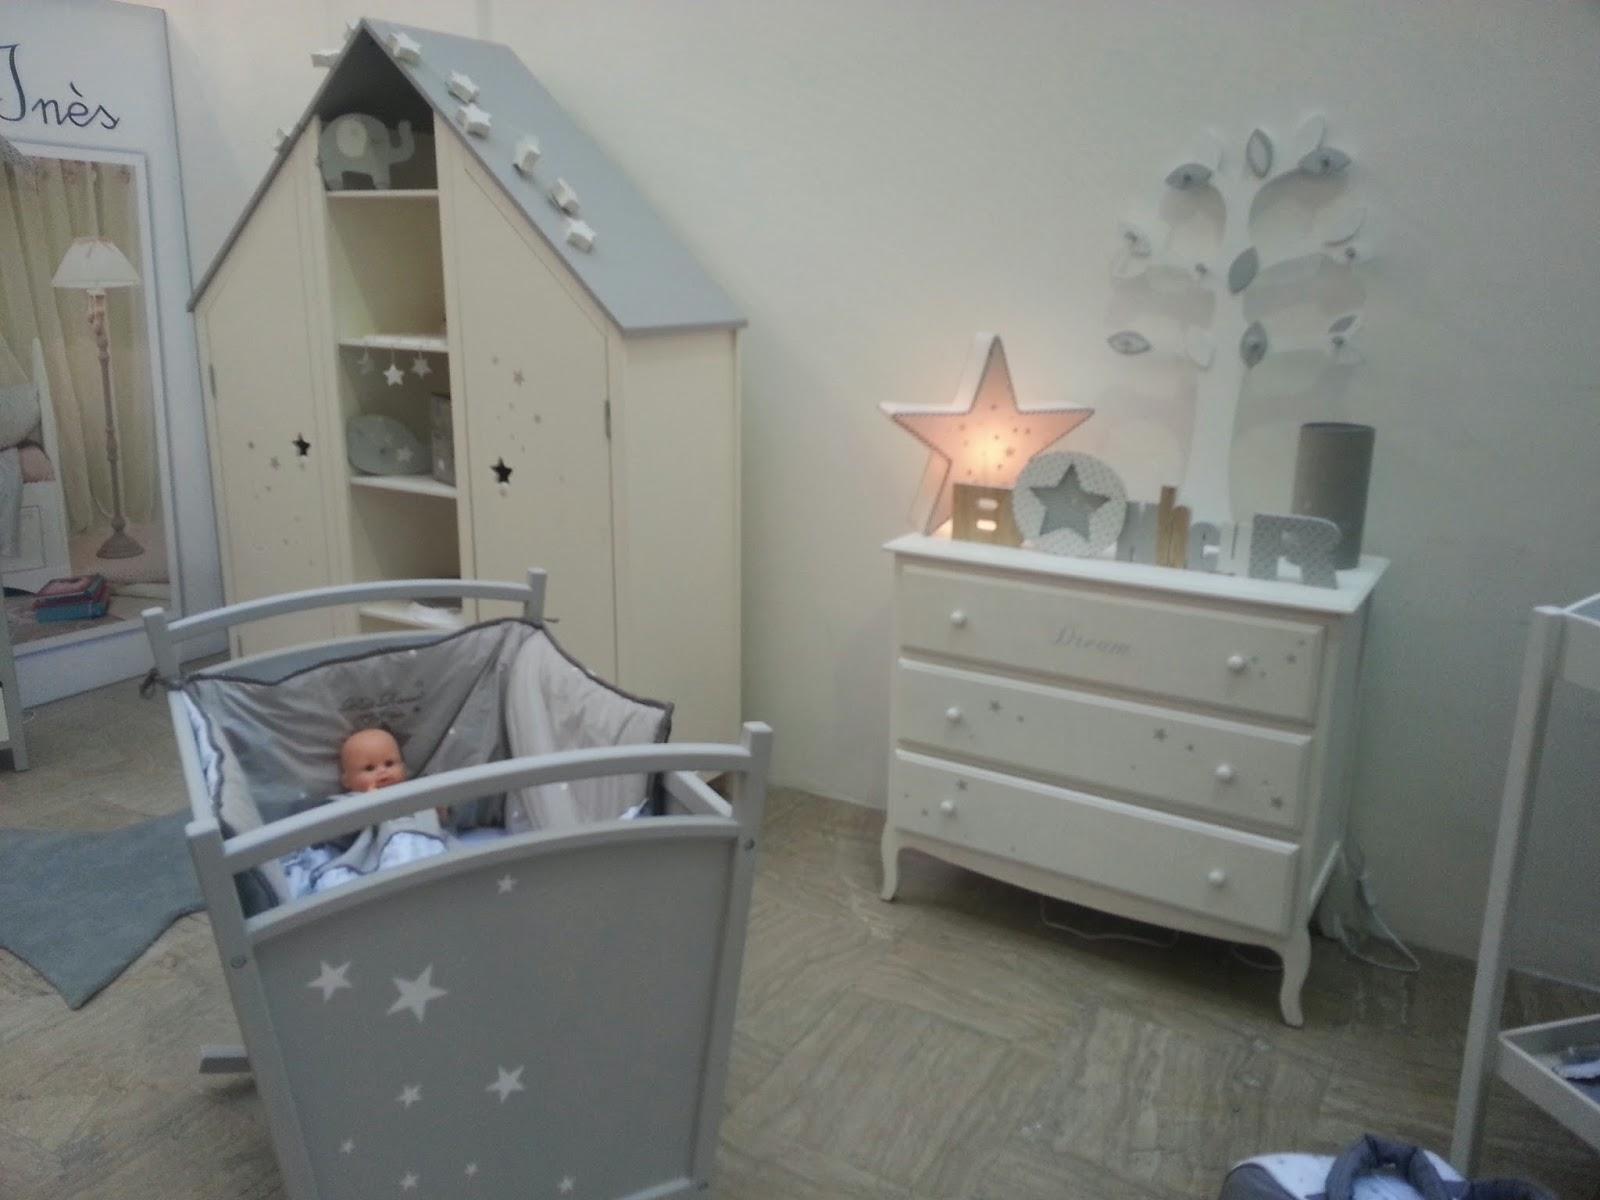 maison du monde vannes affordable nos dernires offres duemploi with maison du monde vannes. Black Bedroom Furniture Sets. Home Design Ideas